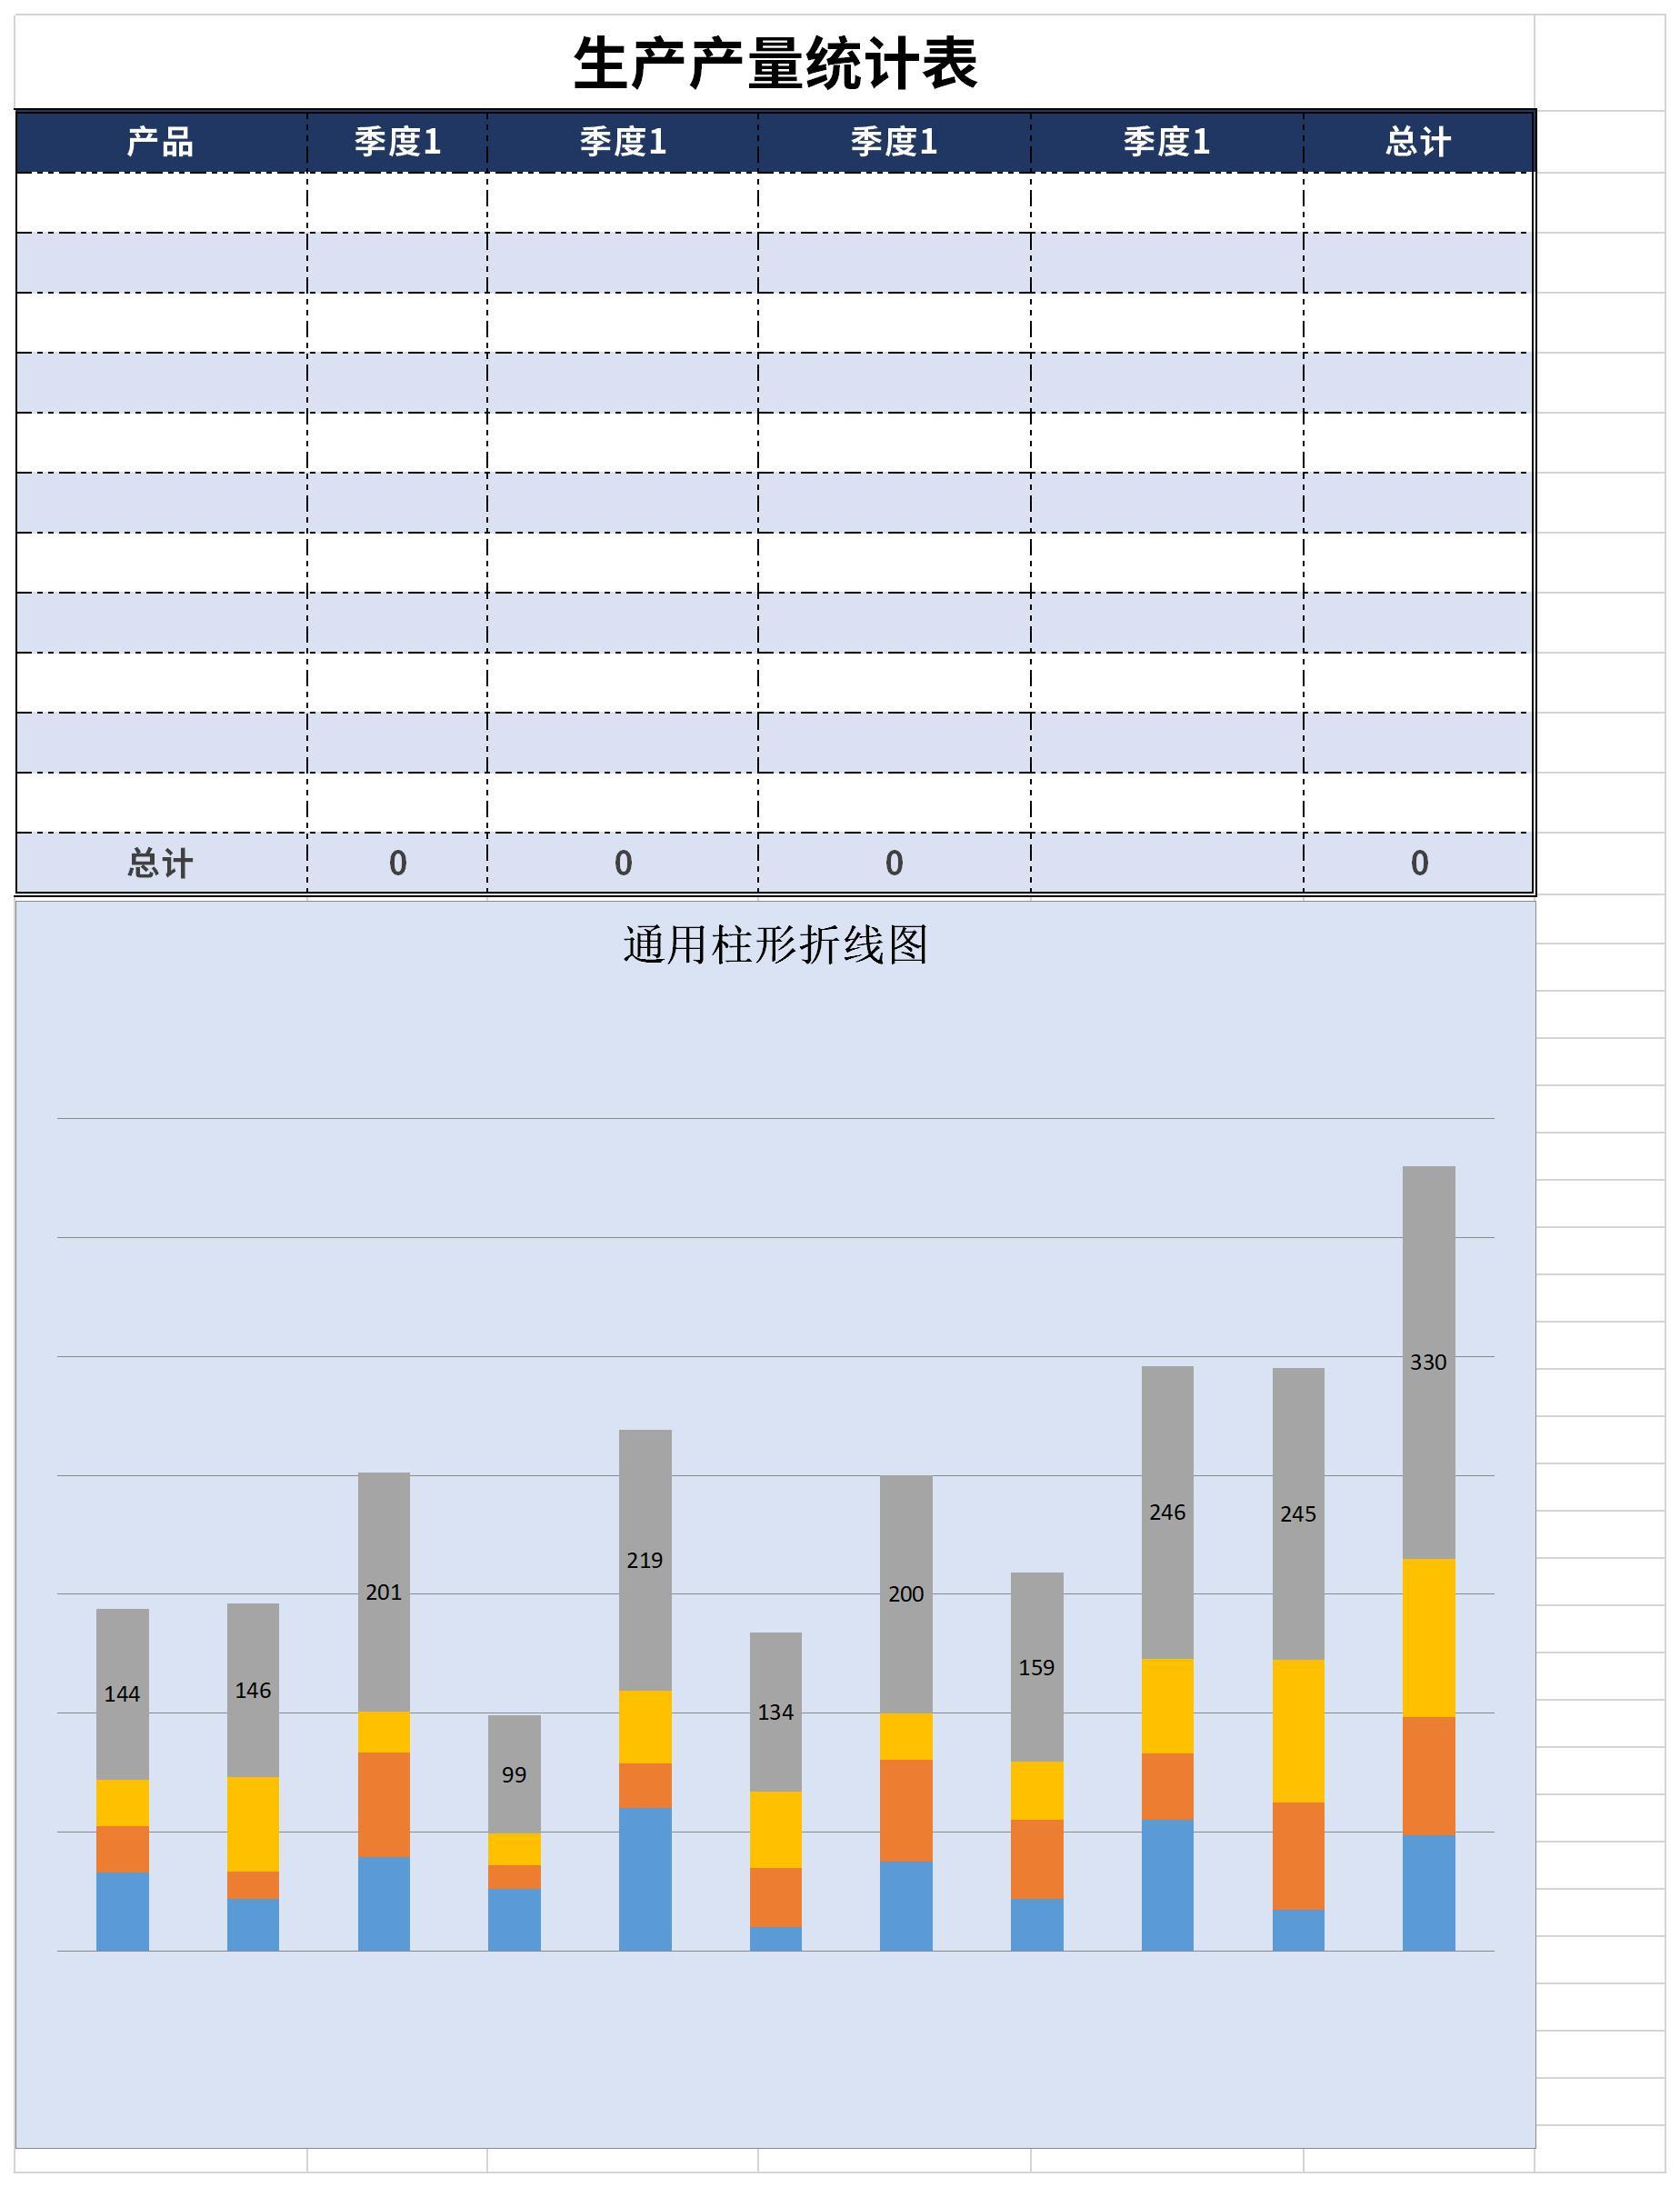 生产产量统计表截图